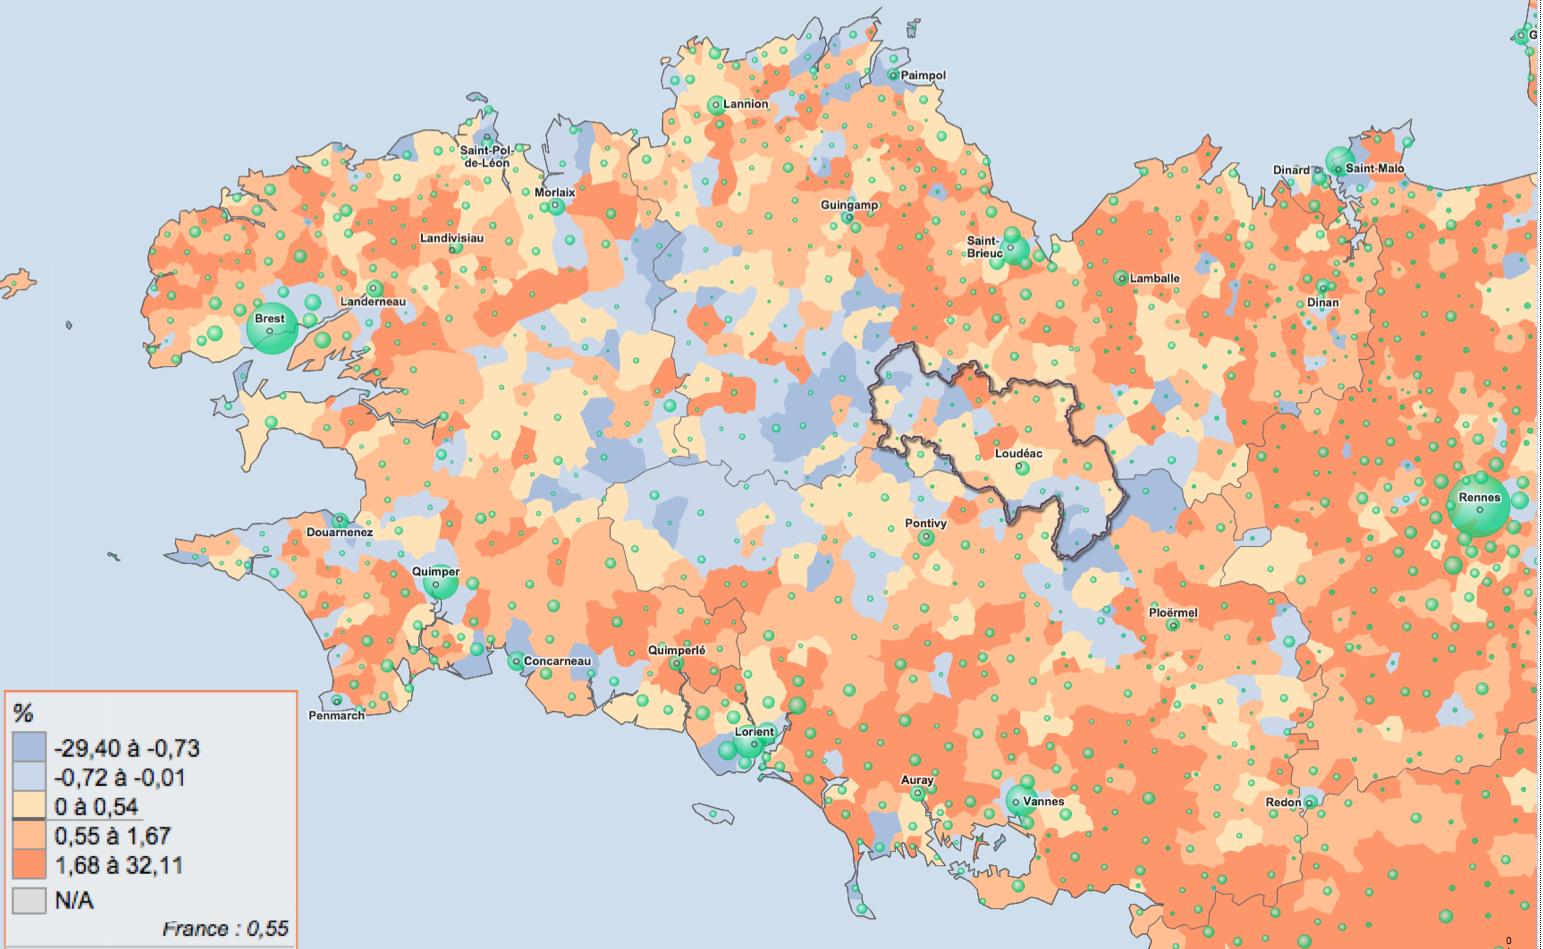 LA CIDERAL (Côte-d'Armor, 33 communes) LANCE SON PLU INTERCOMMUNAL !